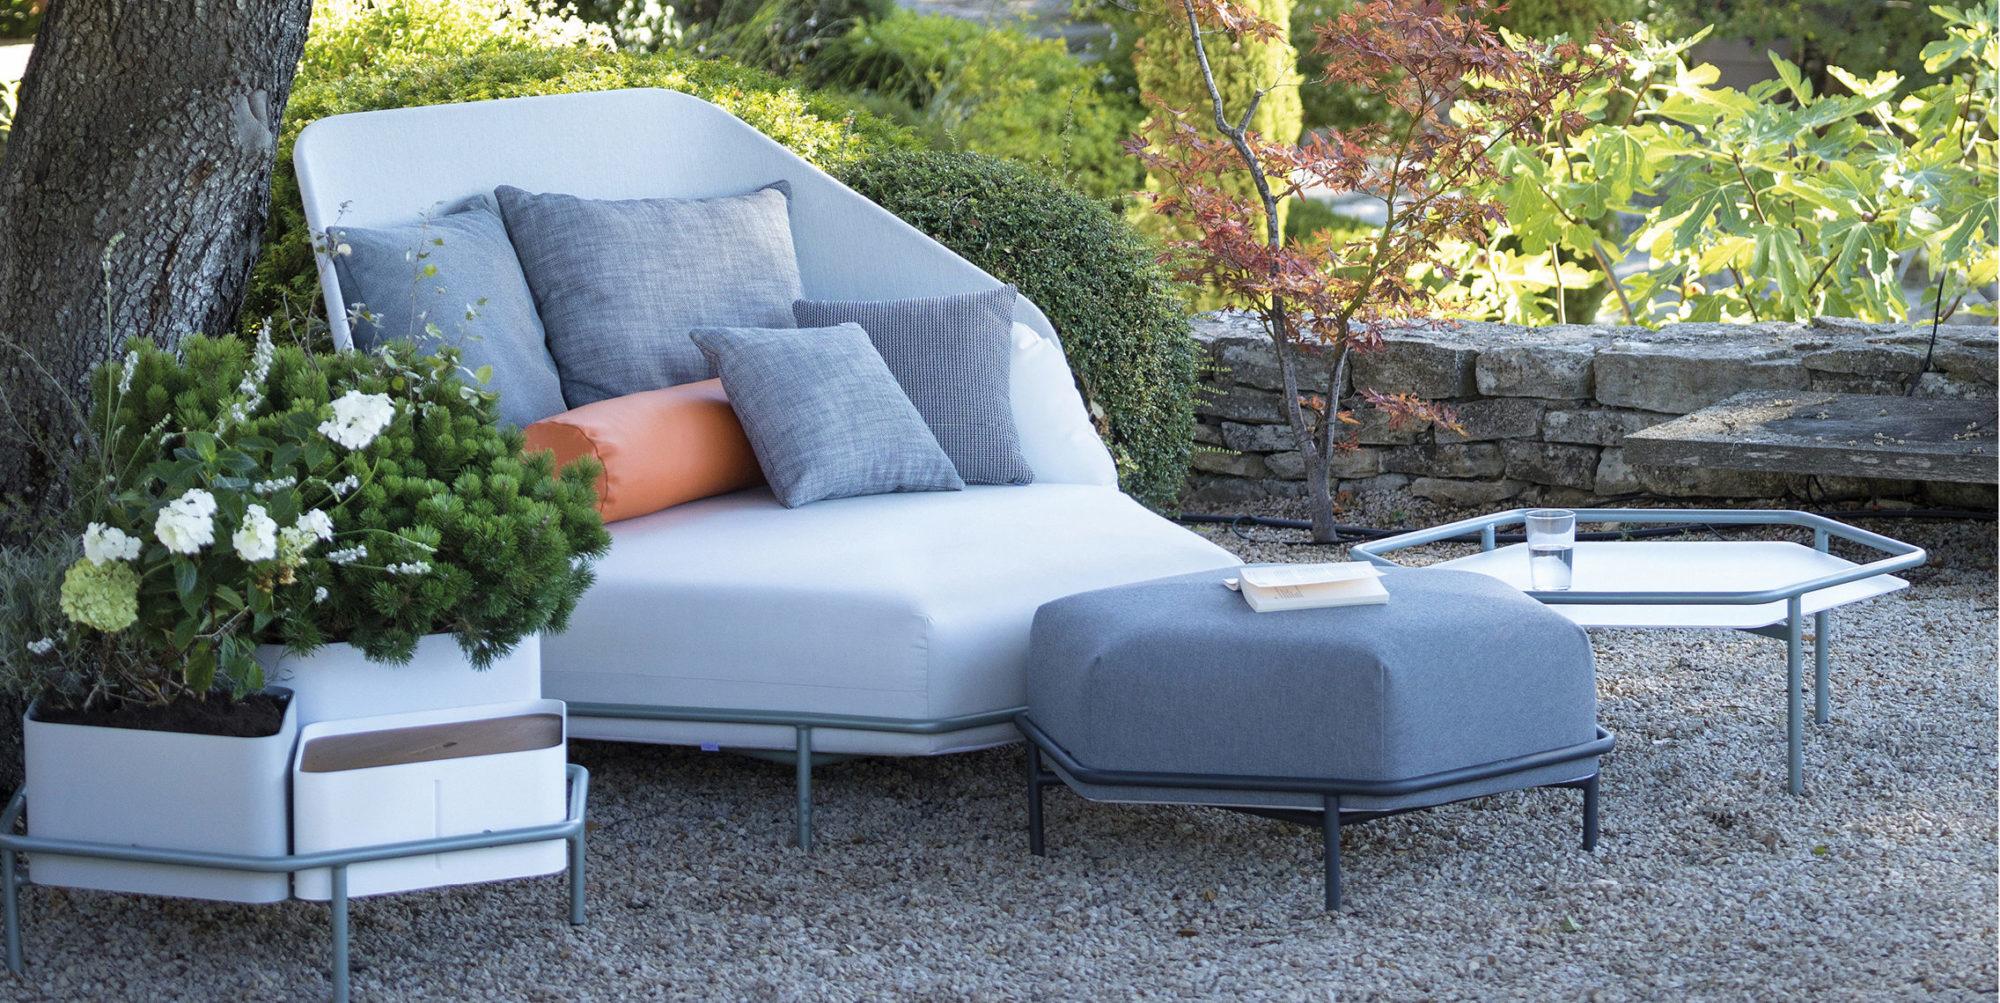 Canapé HIVE - EGO PARIS salon de jardin design haut de gamme bordeaux arcachon cap ferret buxus